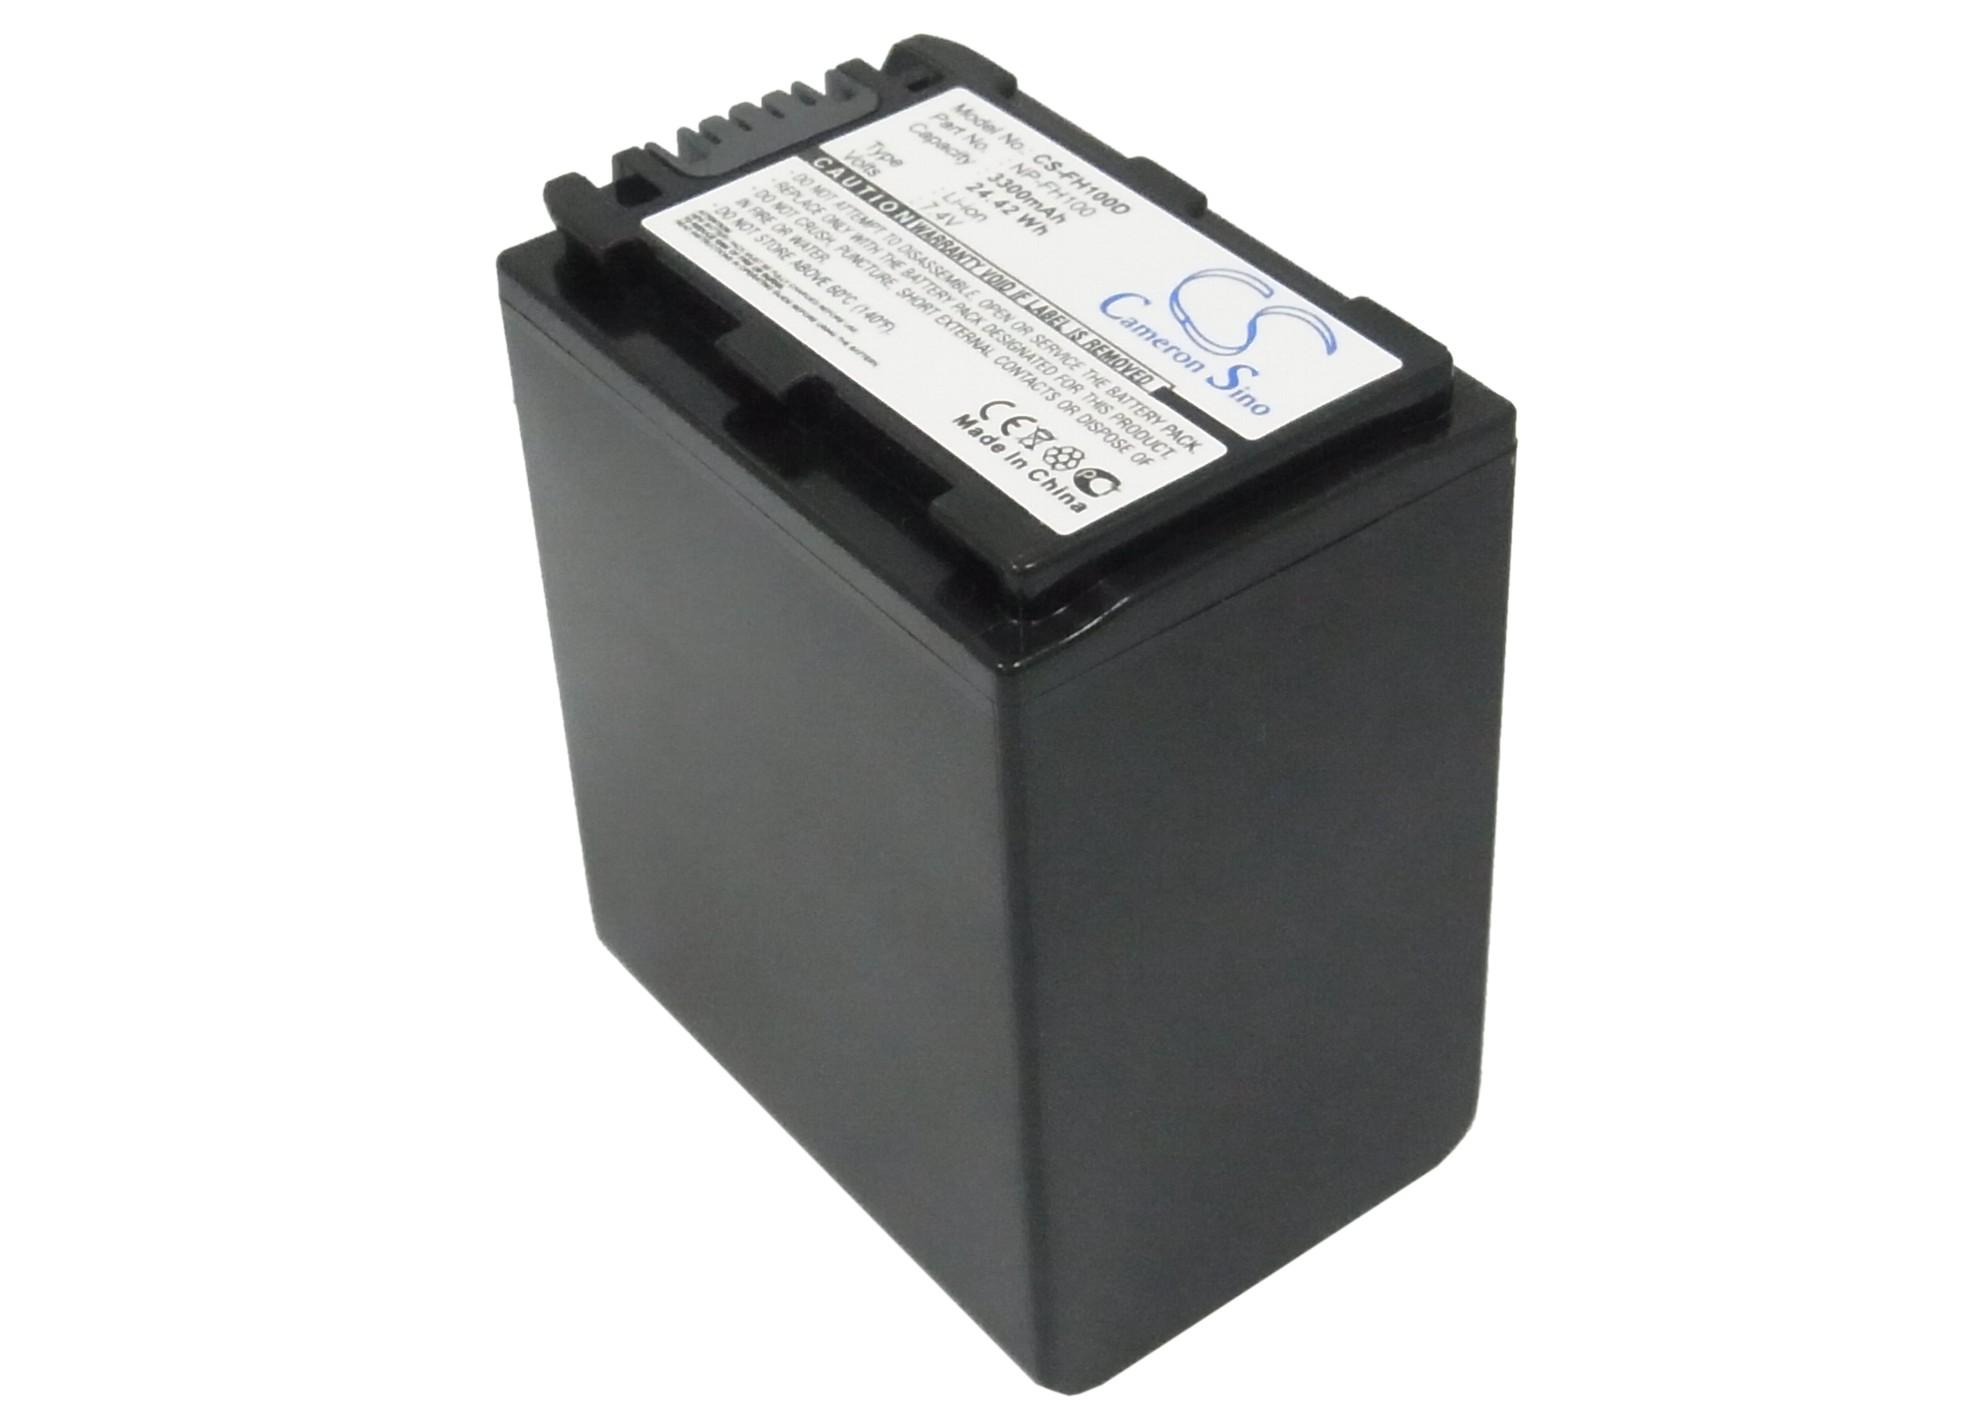 Cameron Sino baterie do kamer a fotoaparátů pro SONY HDR-CX12 7.4V Li-ion 3300mAh tmavě šedá - neoriginální